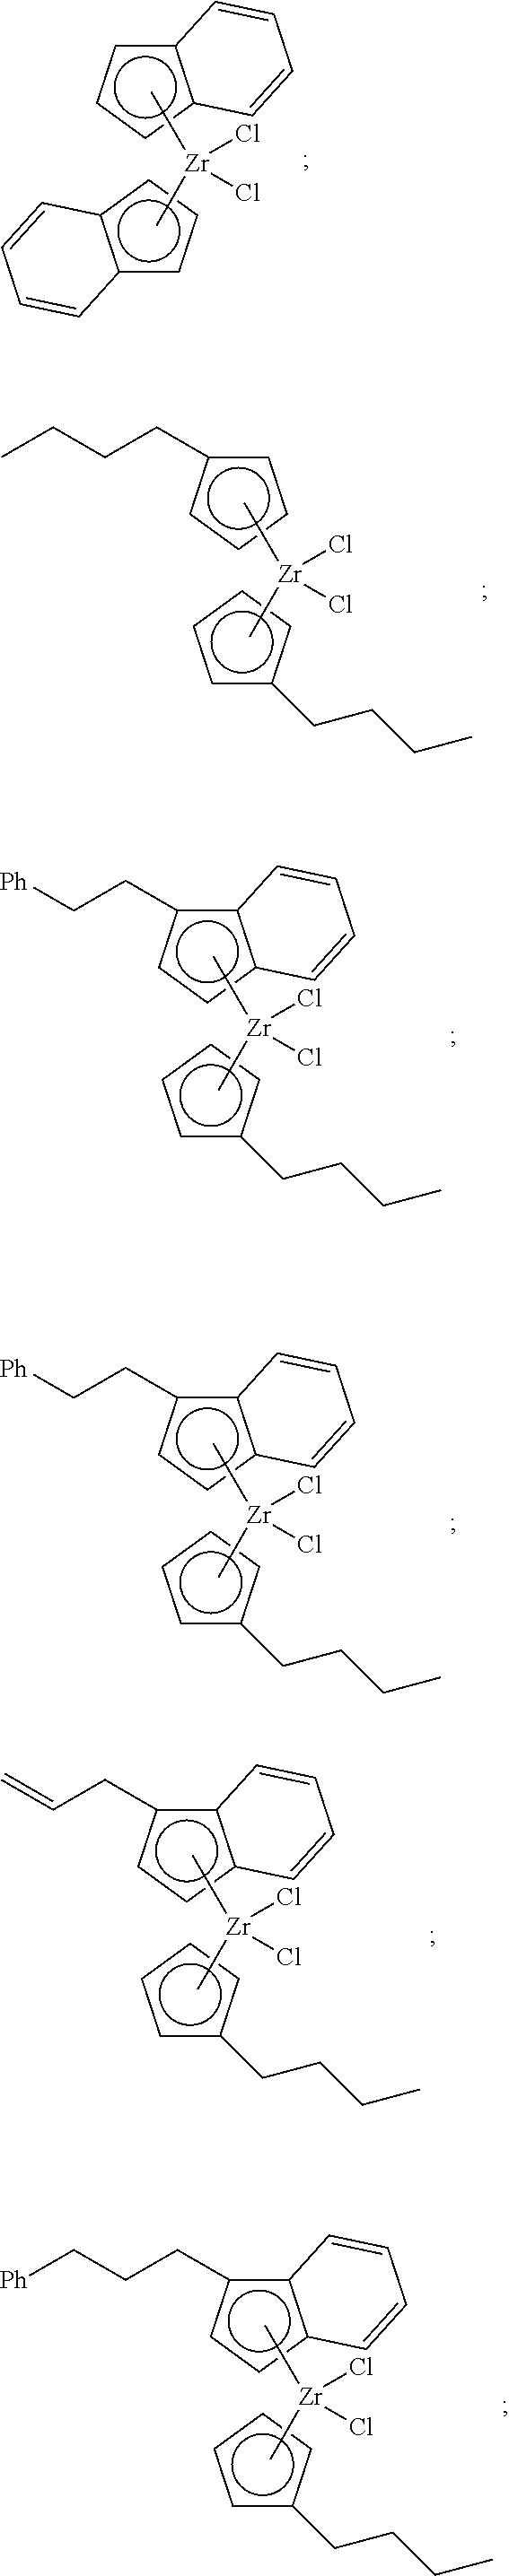 Figure US08288487-20121016-C00047